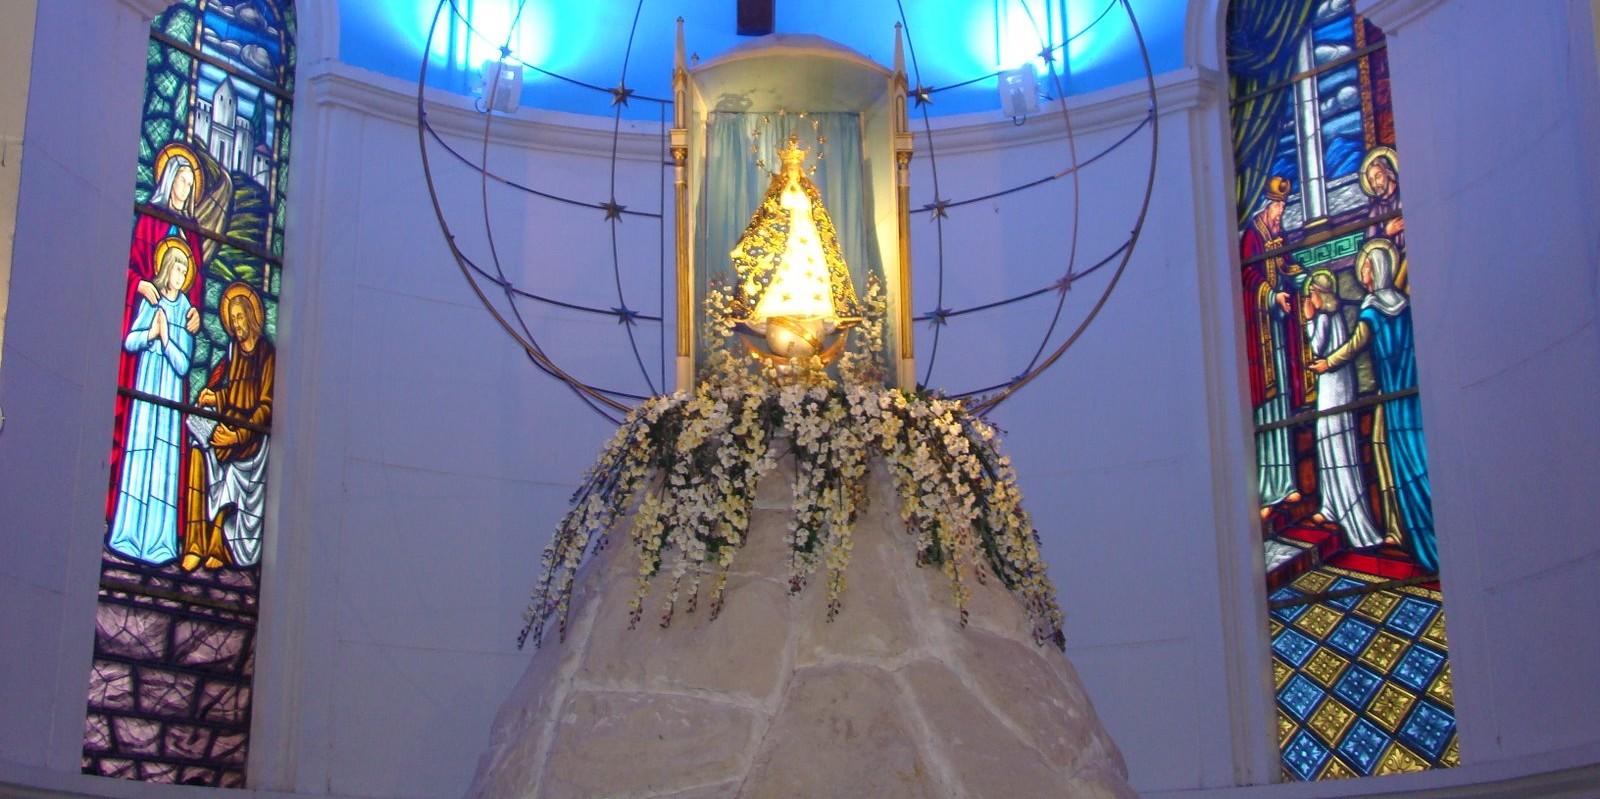 La Patrona de Paraguay: Nuestra Señora de los Milagros de Caacupé, Paraguay (8 de diciembre)